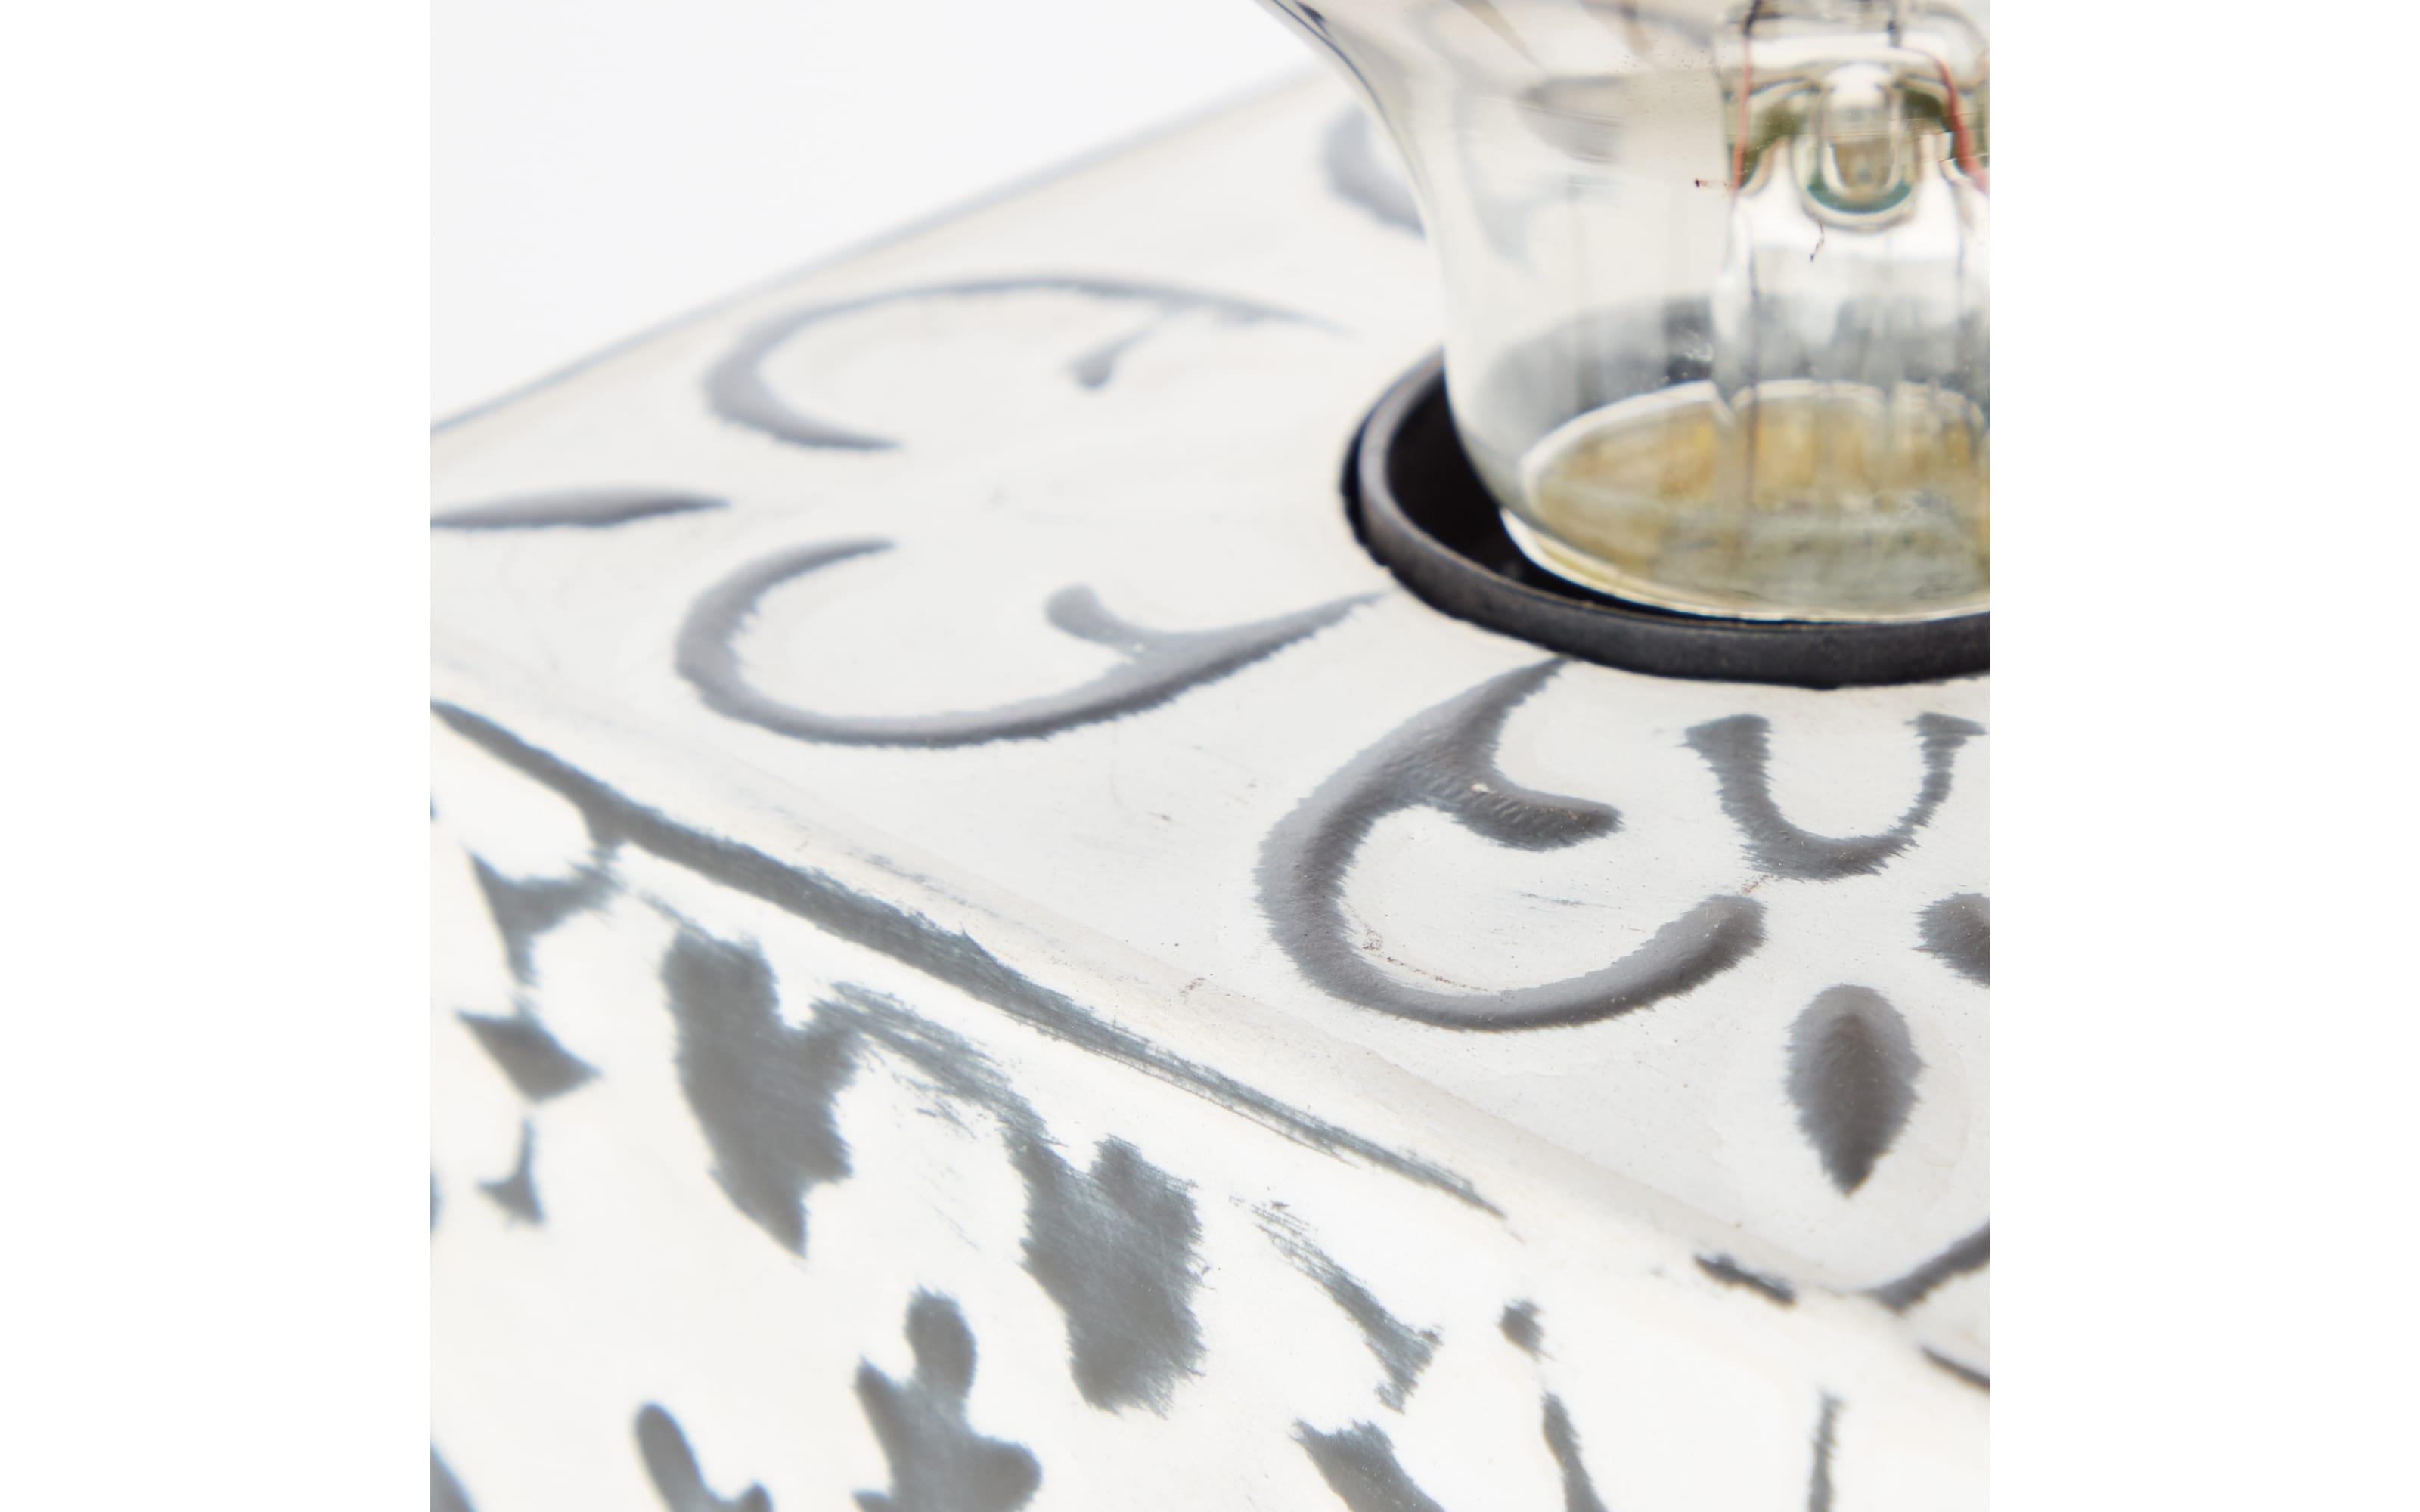 Tischleuchte Vagos in cremefarbig, 10 cm